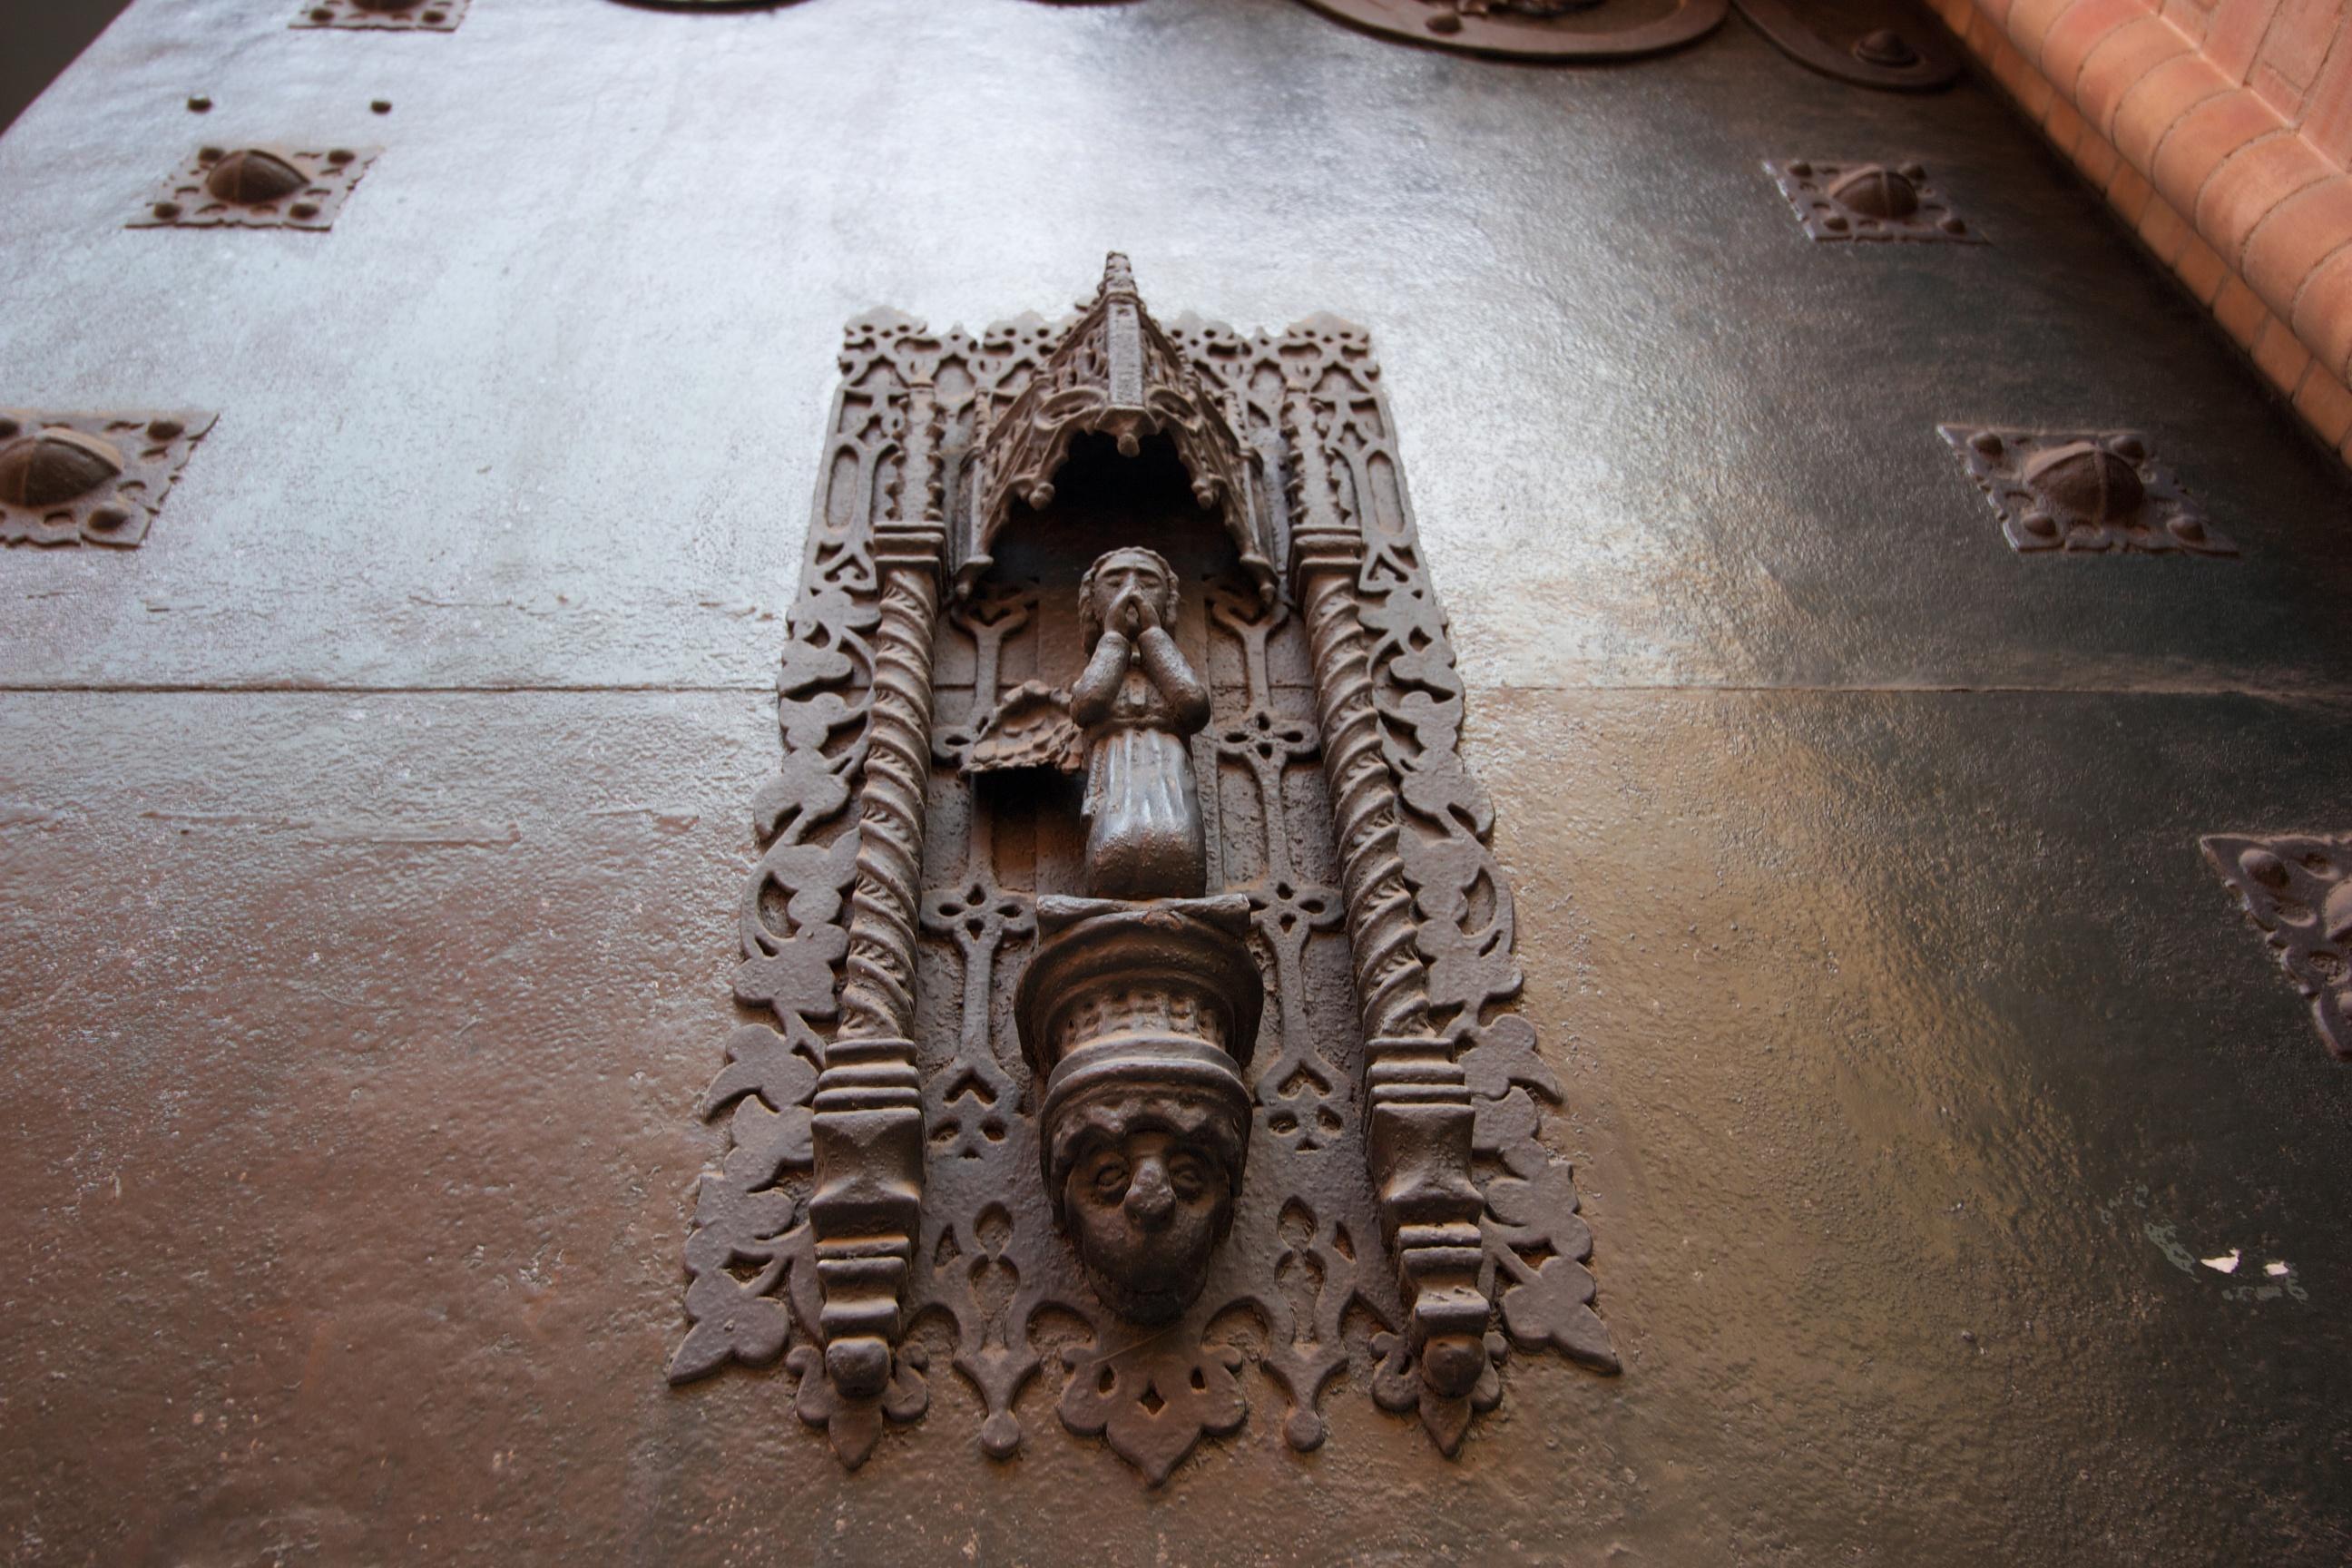 Carvings in a door